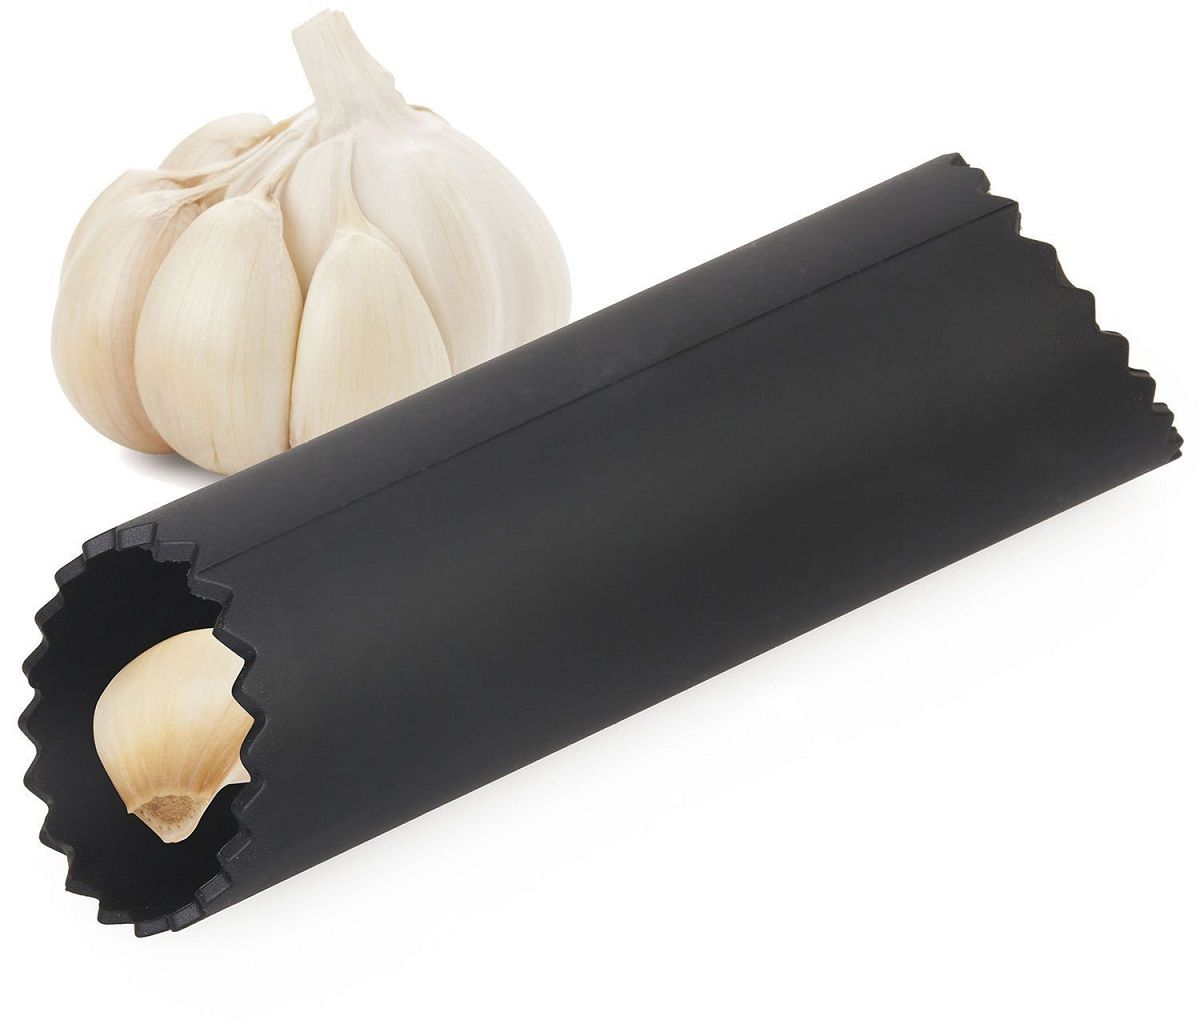 Очиститель для чеснока FidgetGo Круг, силиконовый, цвет: черный, 13 х 3,7 см2212345678135Чистить чеснок всегда было утомительным и неприятным делом для любой хозяйки, т.к. шелуха постоянно прилипает к рукам. На помощь в таких ситуациях приходят гаджеты для кухни, которые значительно облегчают труд во время приготовления блюд. Например, простое, но очень функциональное приспособление для чистки чеснока, которое в считанные минуты поможет очистить чеснок в любом объеме. Эта силиконовая трубка для чистки чеснока не так давно появилась на рынке, но уж начинает набирать обороты.Силиконовый очиститель очень мягкий и приятный на ощупь. Пользоваться им очень просто! Поместите зубчики чеснока в трубку и покатайте по столу, затем выньте уже очищенный чеснок, шелуха останется в трубочке. Мыть и сушить это приспособление очень легко! Благодаря отверстию в трубке, его можно подвешивать на крючок.